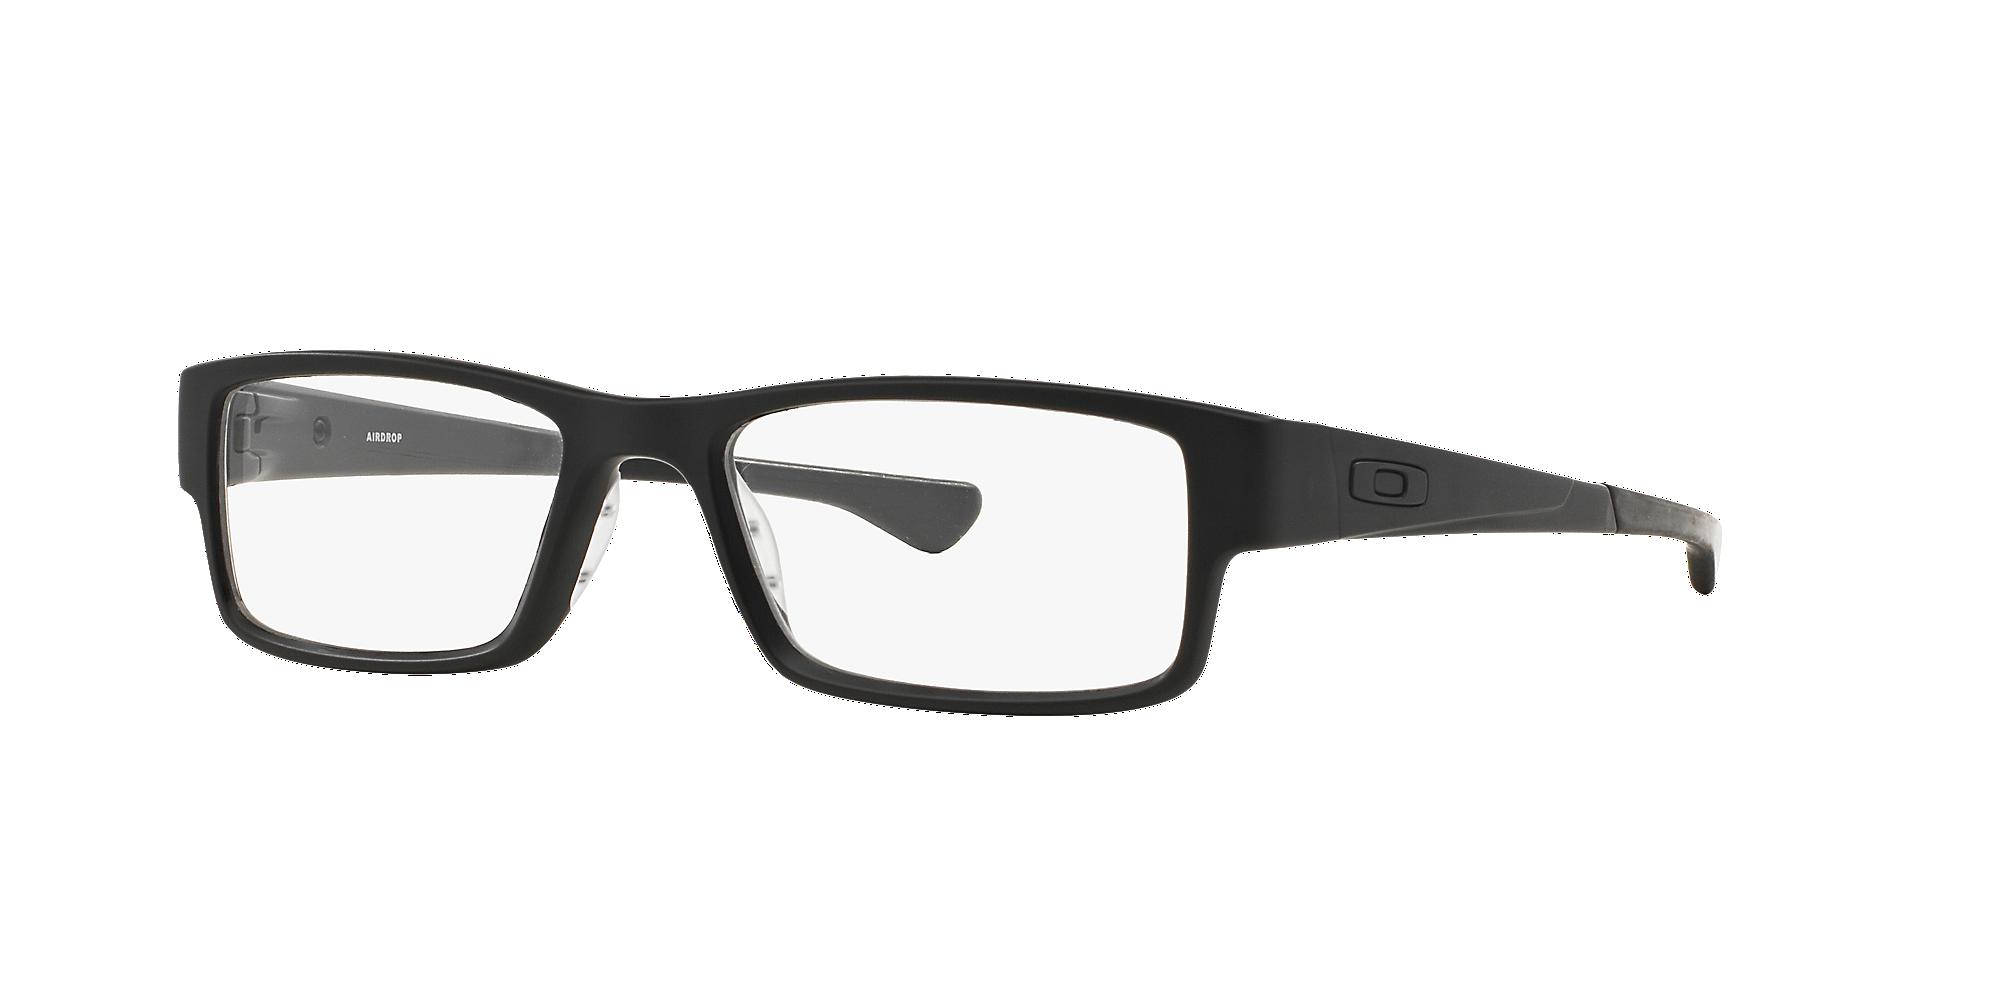 Oakley Reading Glasses For Men